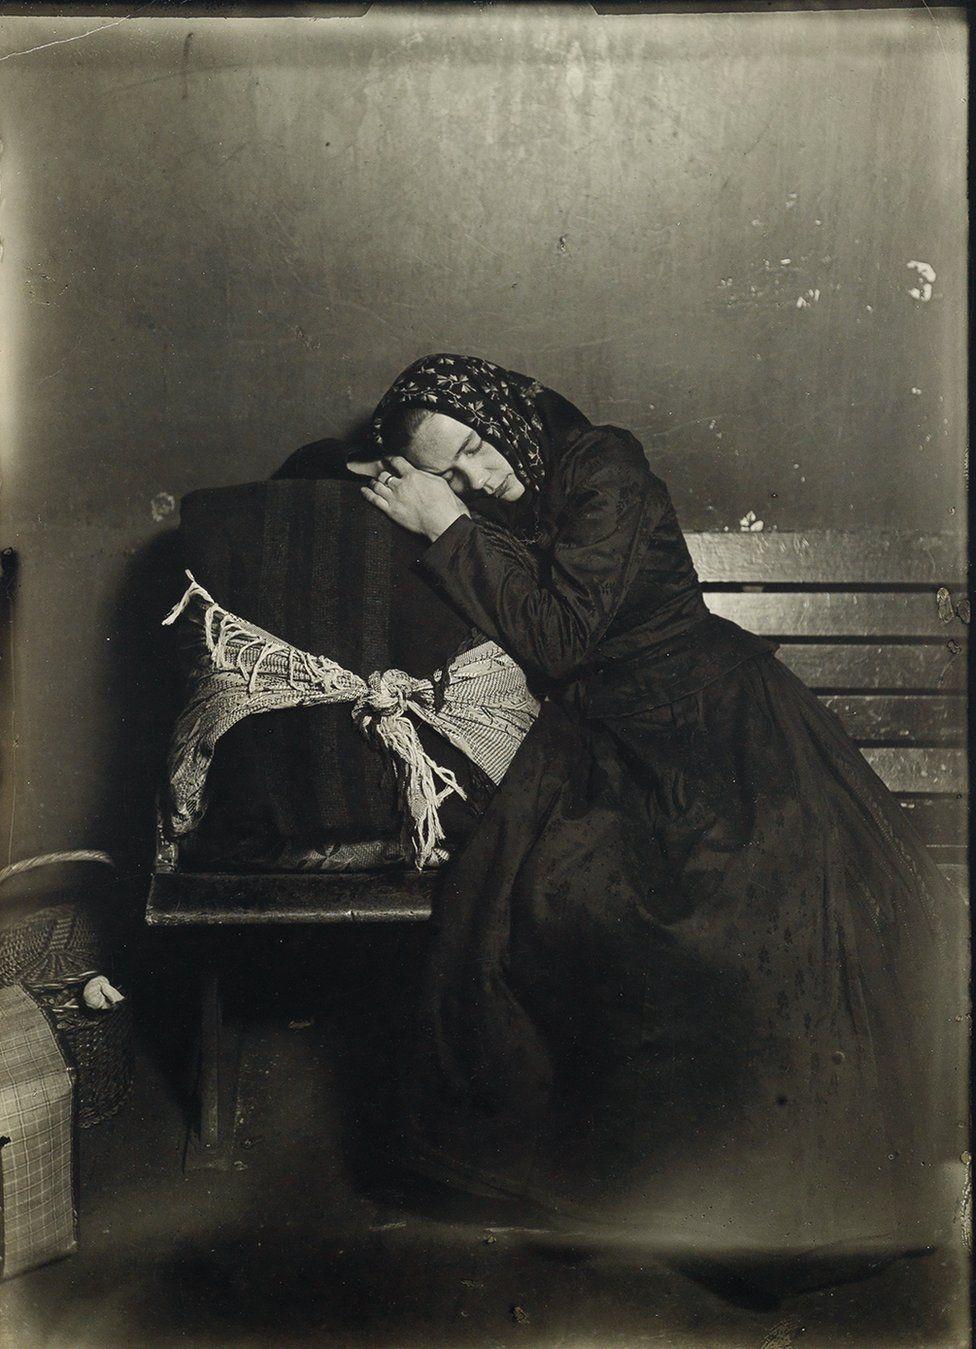 Una immigrata slava ad Ellis Island, 1907. Credit: archivio di Lewis Hine / collezione di Isador Sy Seidman / cortesia della Swann Auctions Galleries